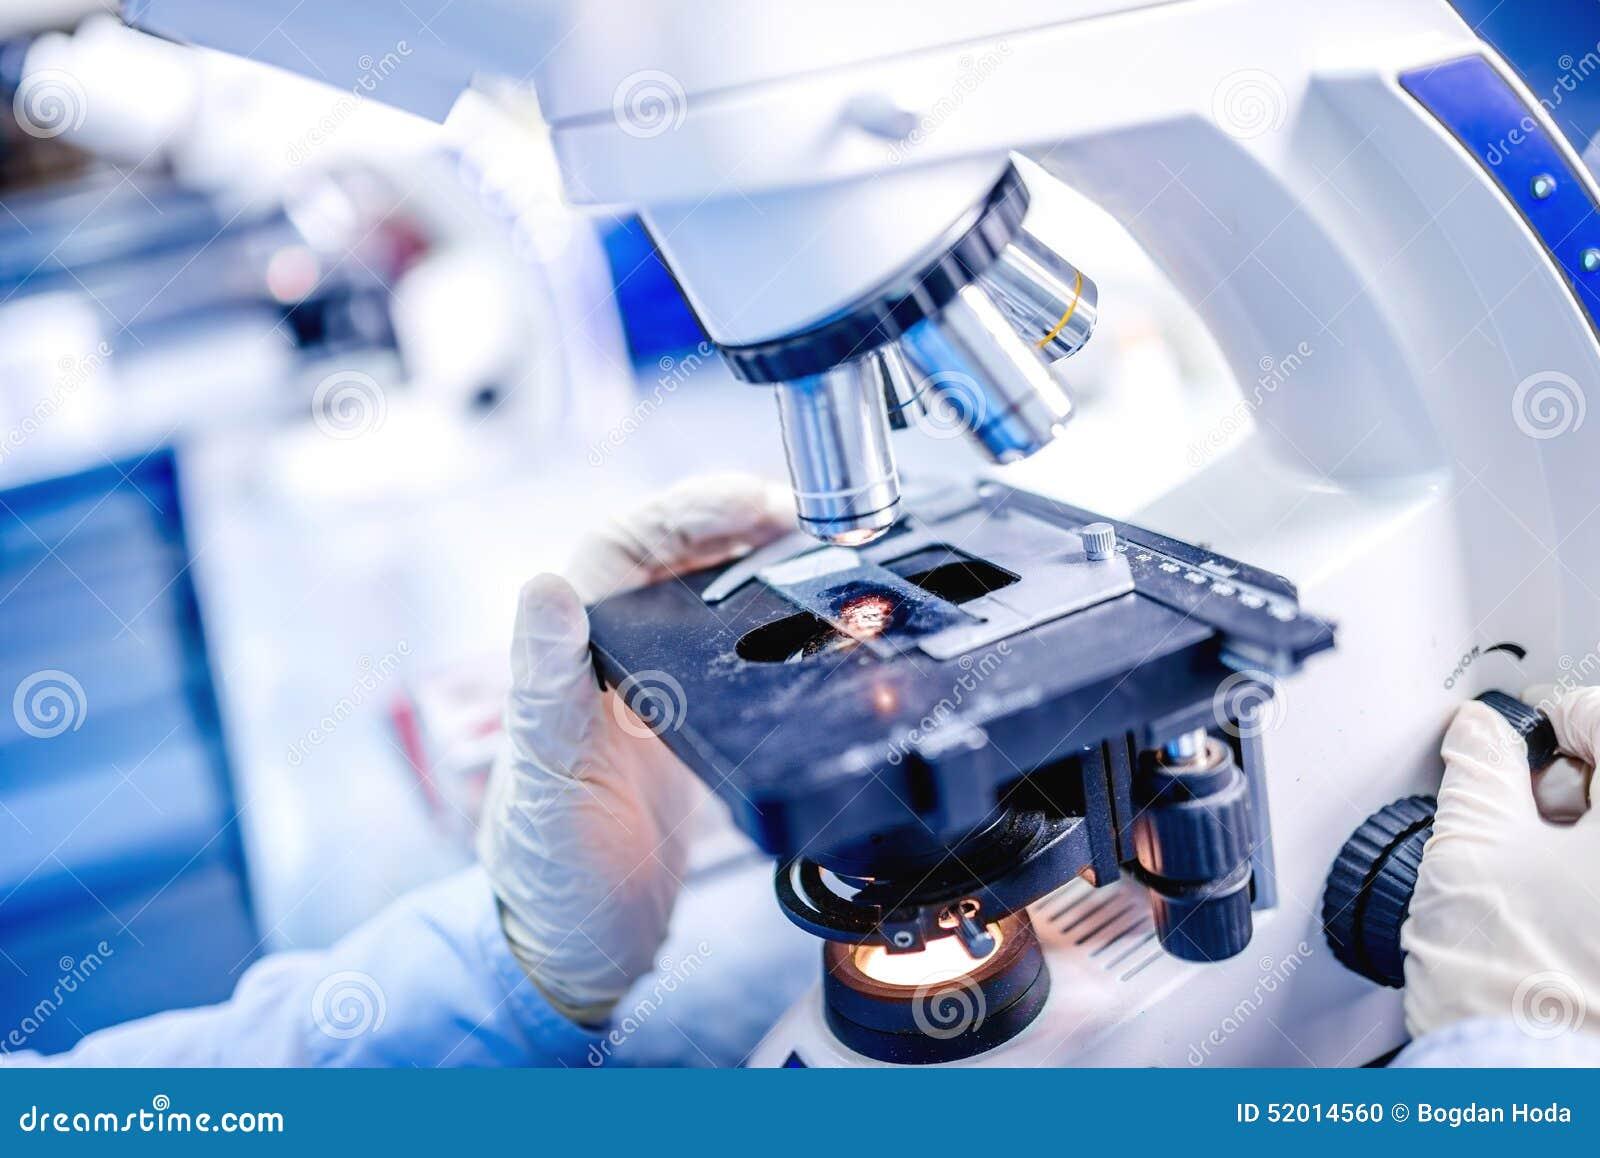 Details van medisch laboratorium, wetenschapperhanden die microscoop voor de steekproeven van de chemietest gebruiken